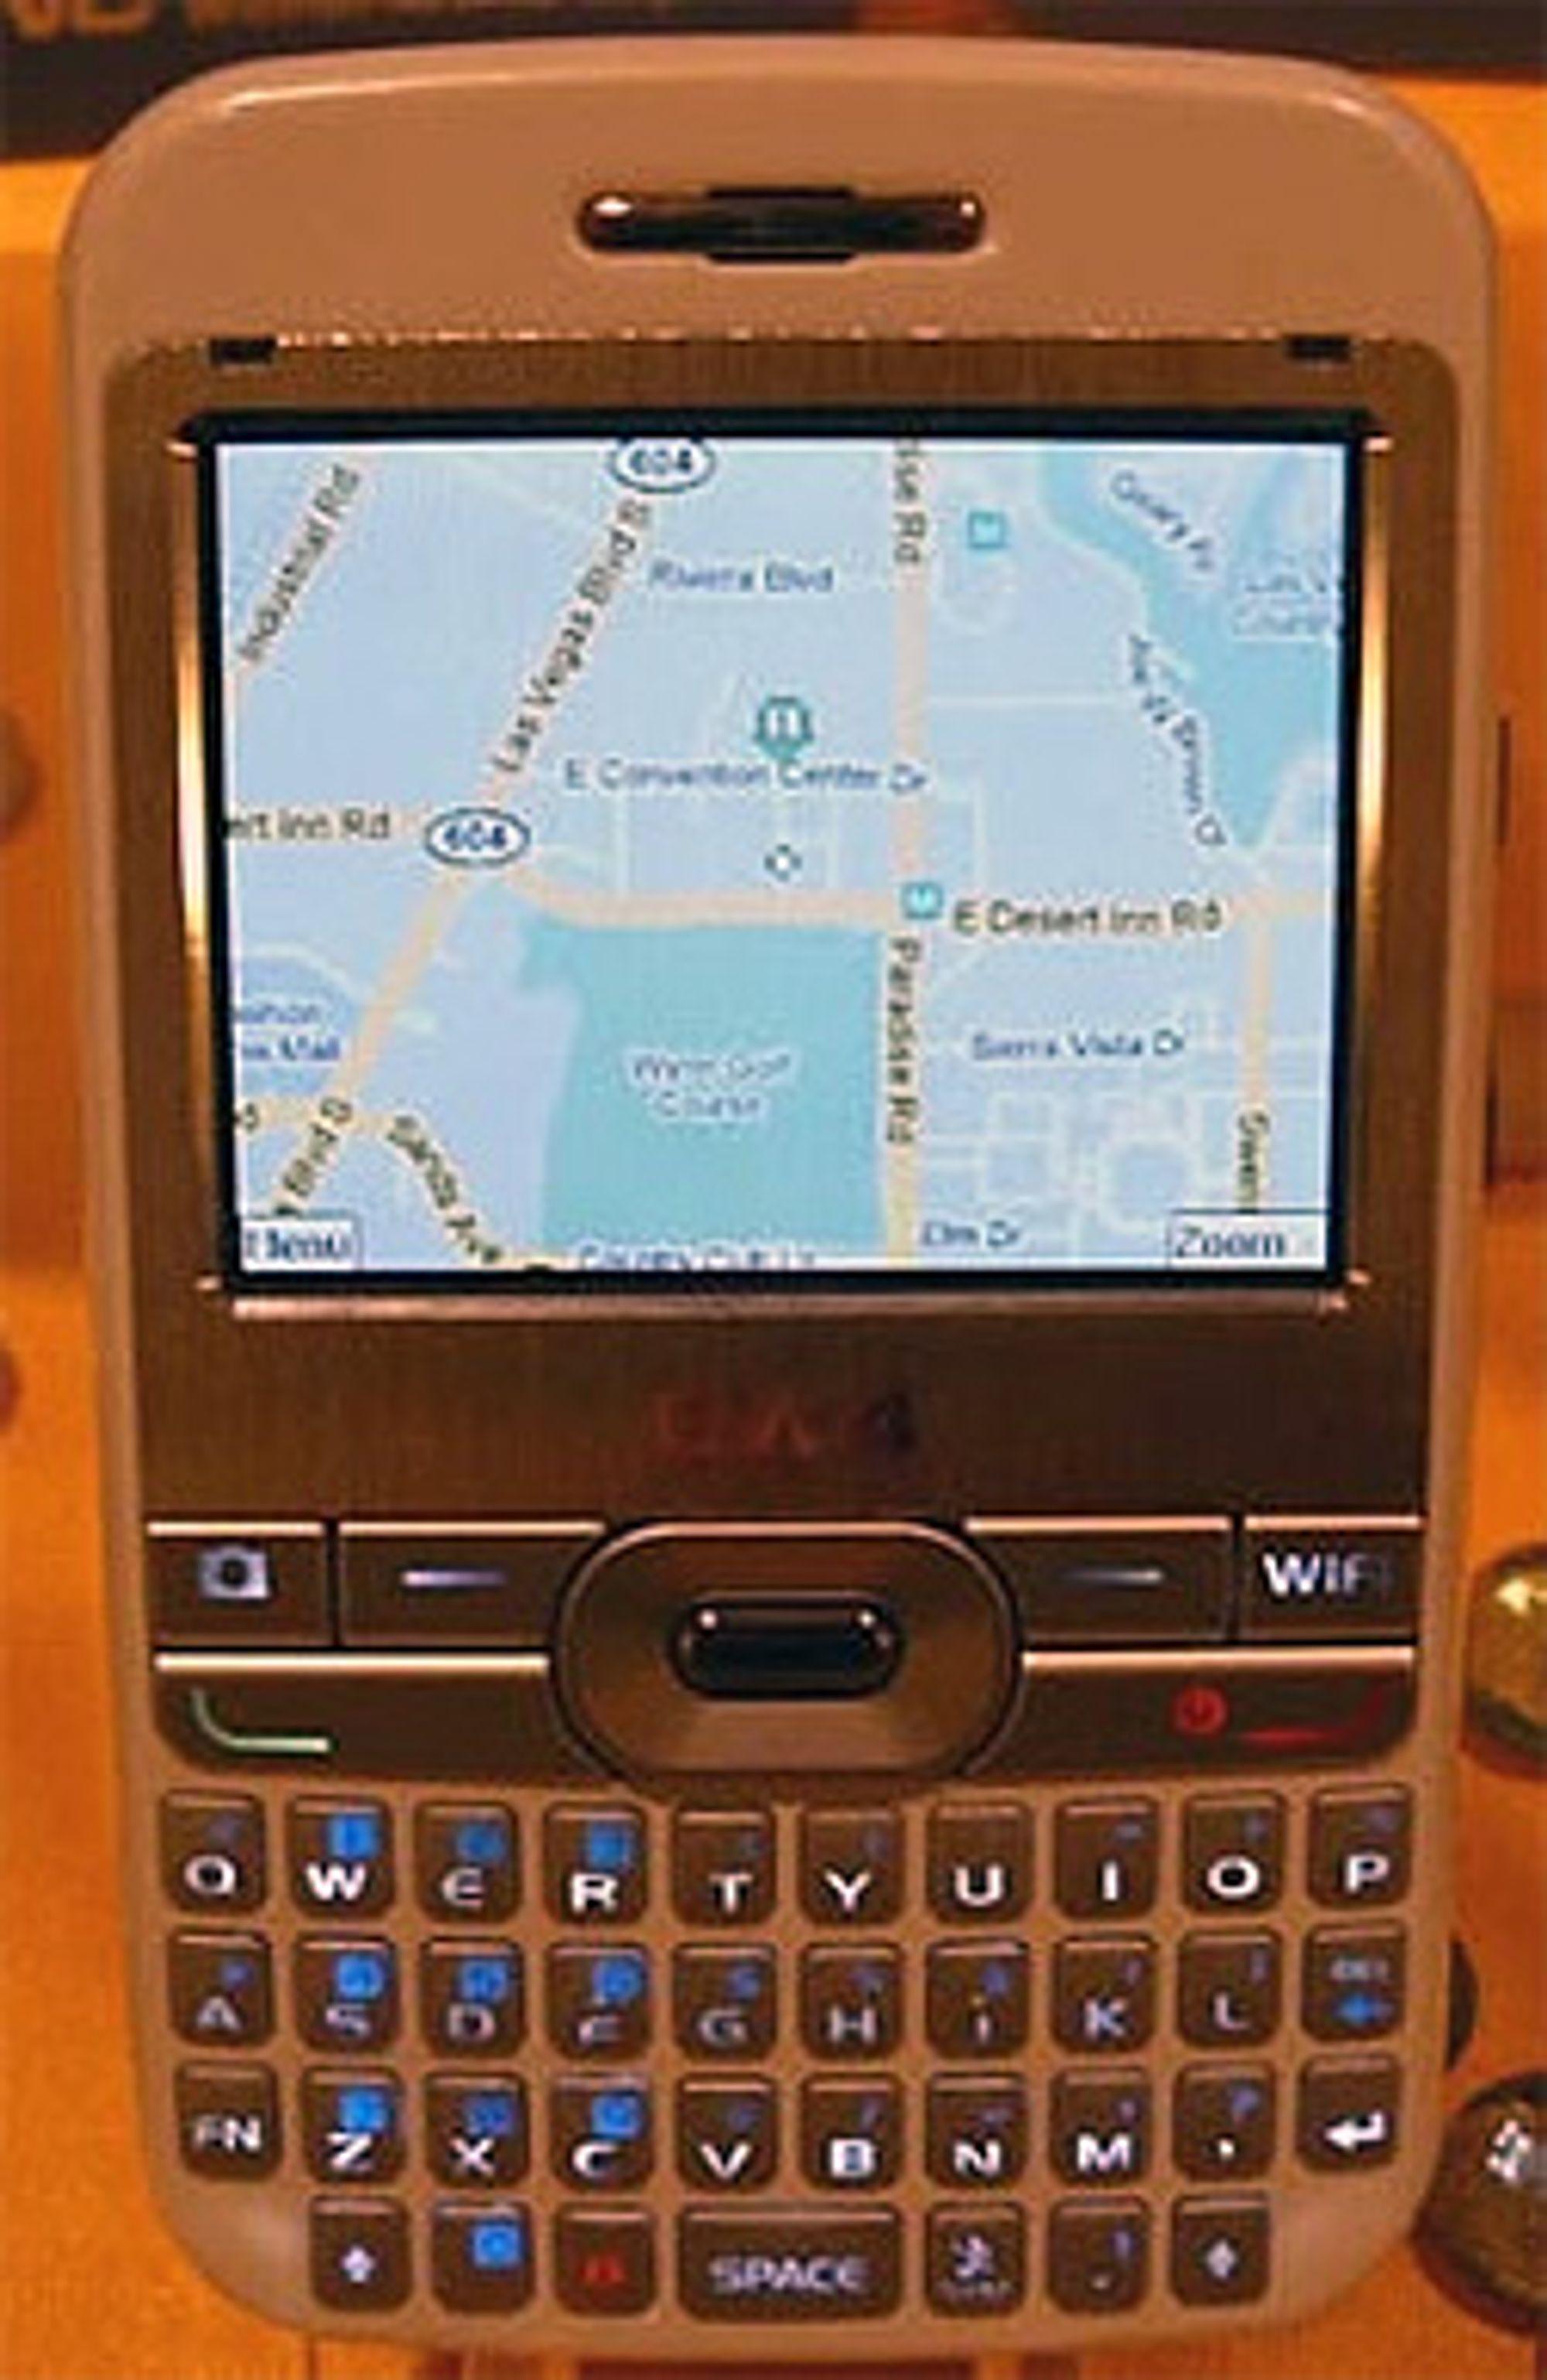 Slik ser den første Android-mobilen ut. (Foto: Mobilemag)